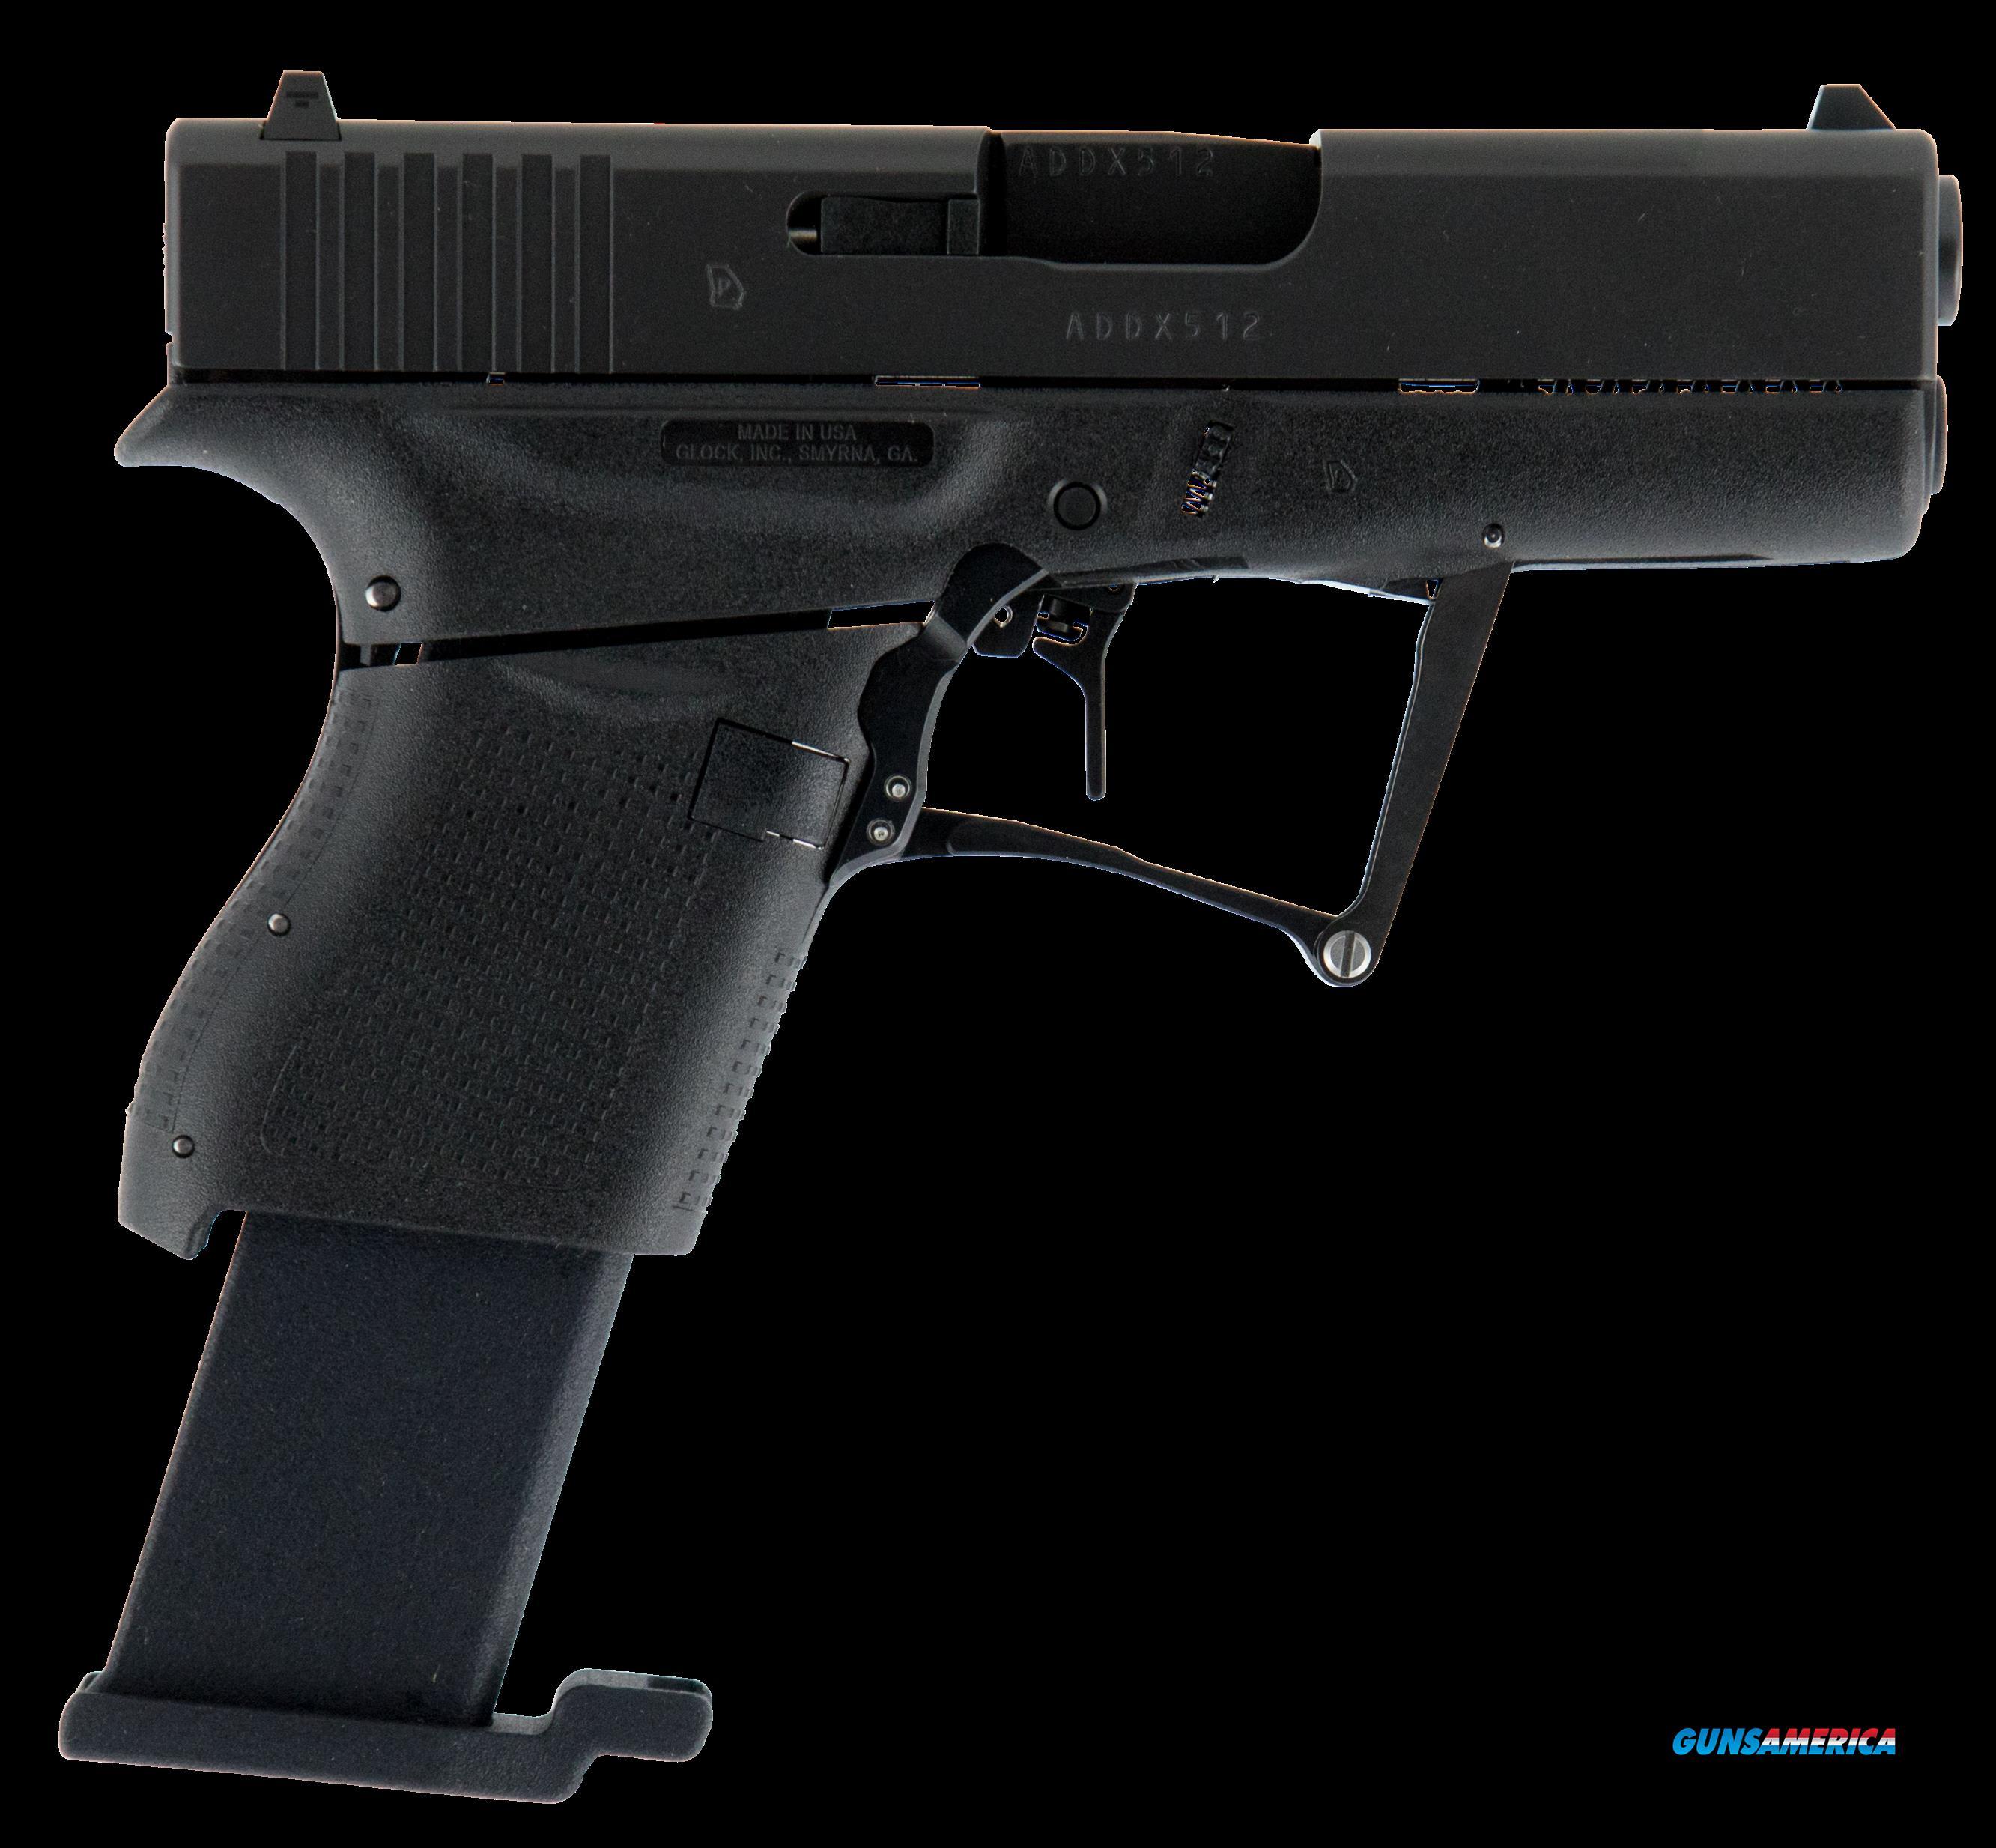 M3s  Guns > Pistols > 1911 Pistol Copies (non-Colt)